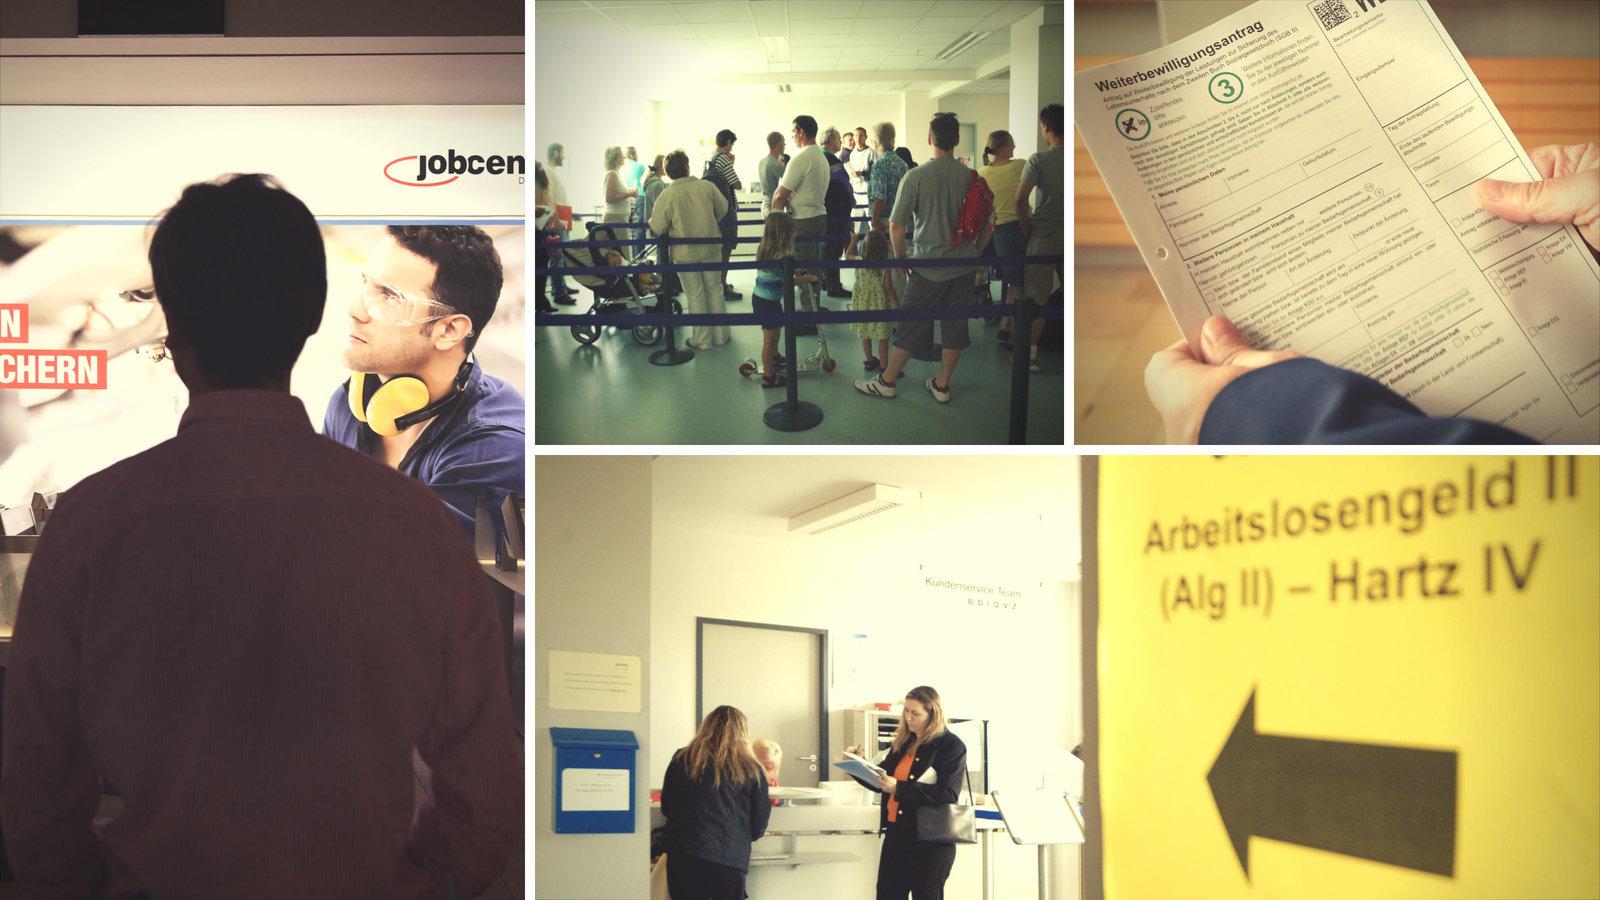 Wir haben Menschen im Jobcenter gefragt, was für sie Glück